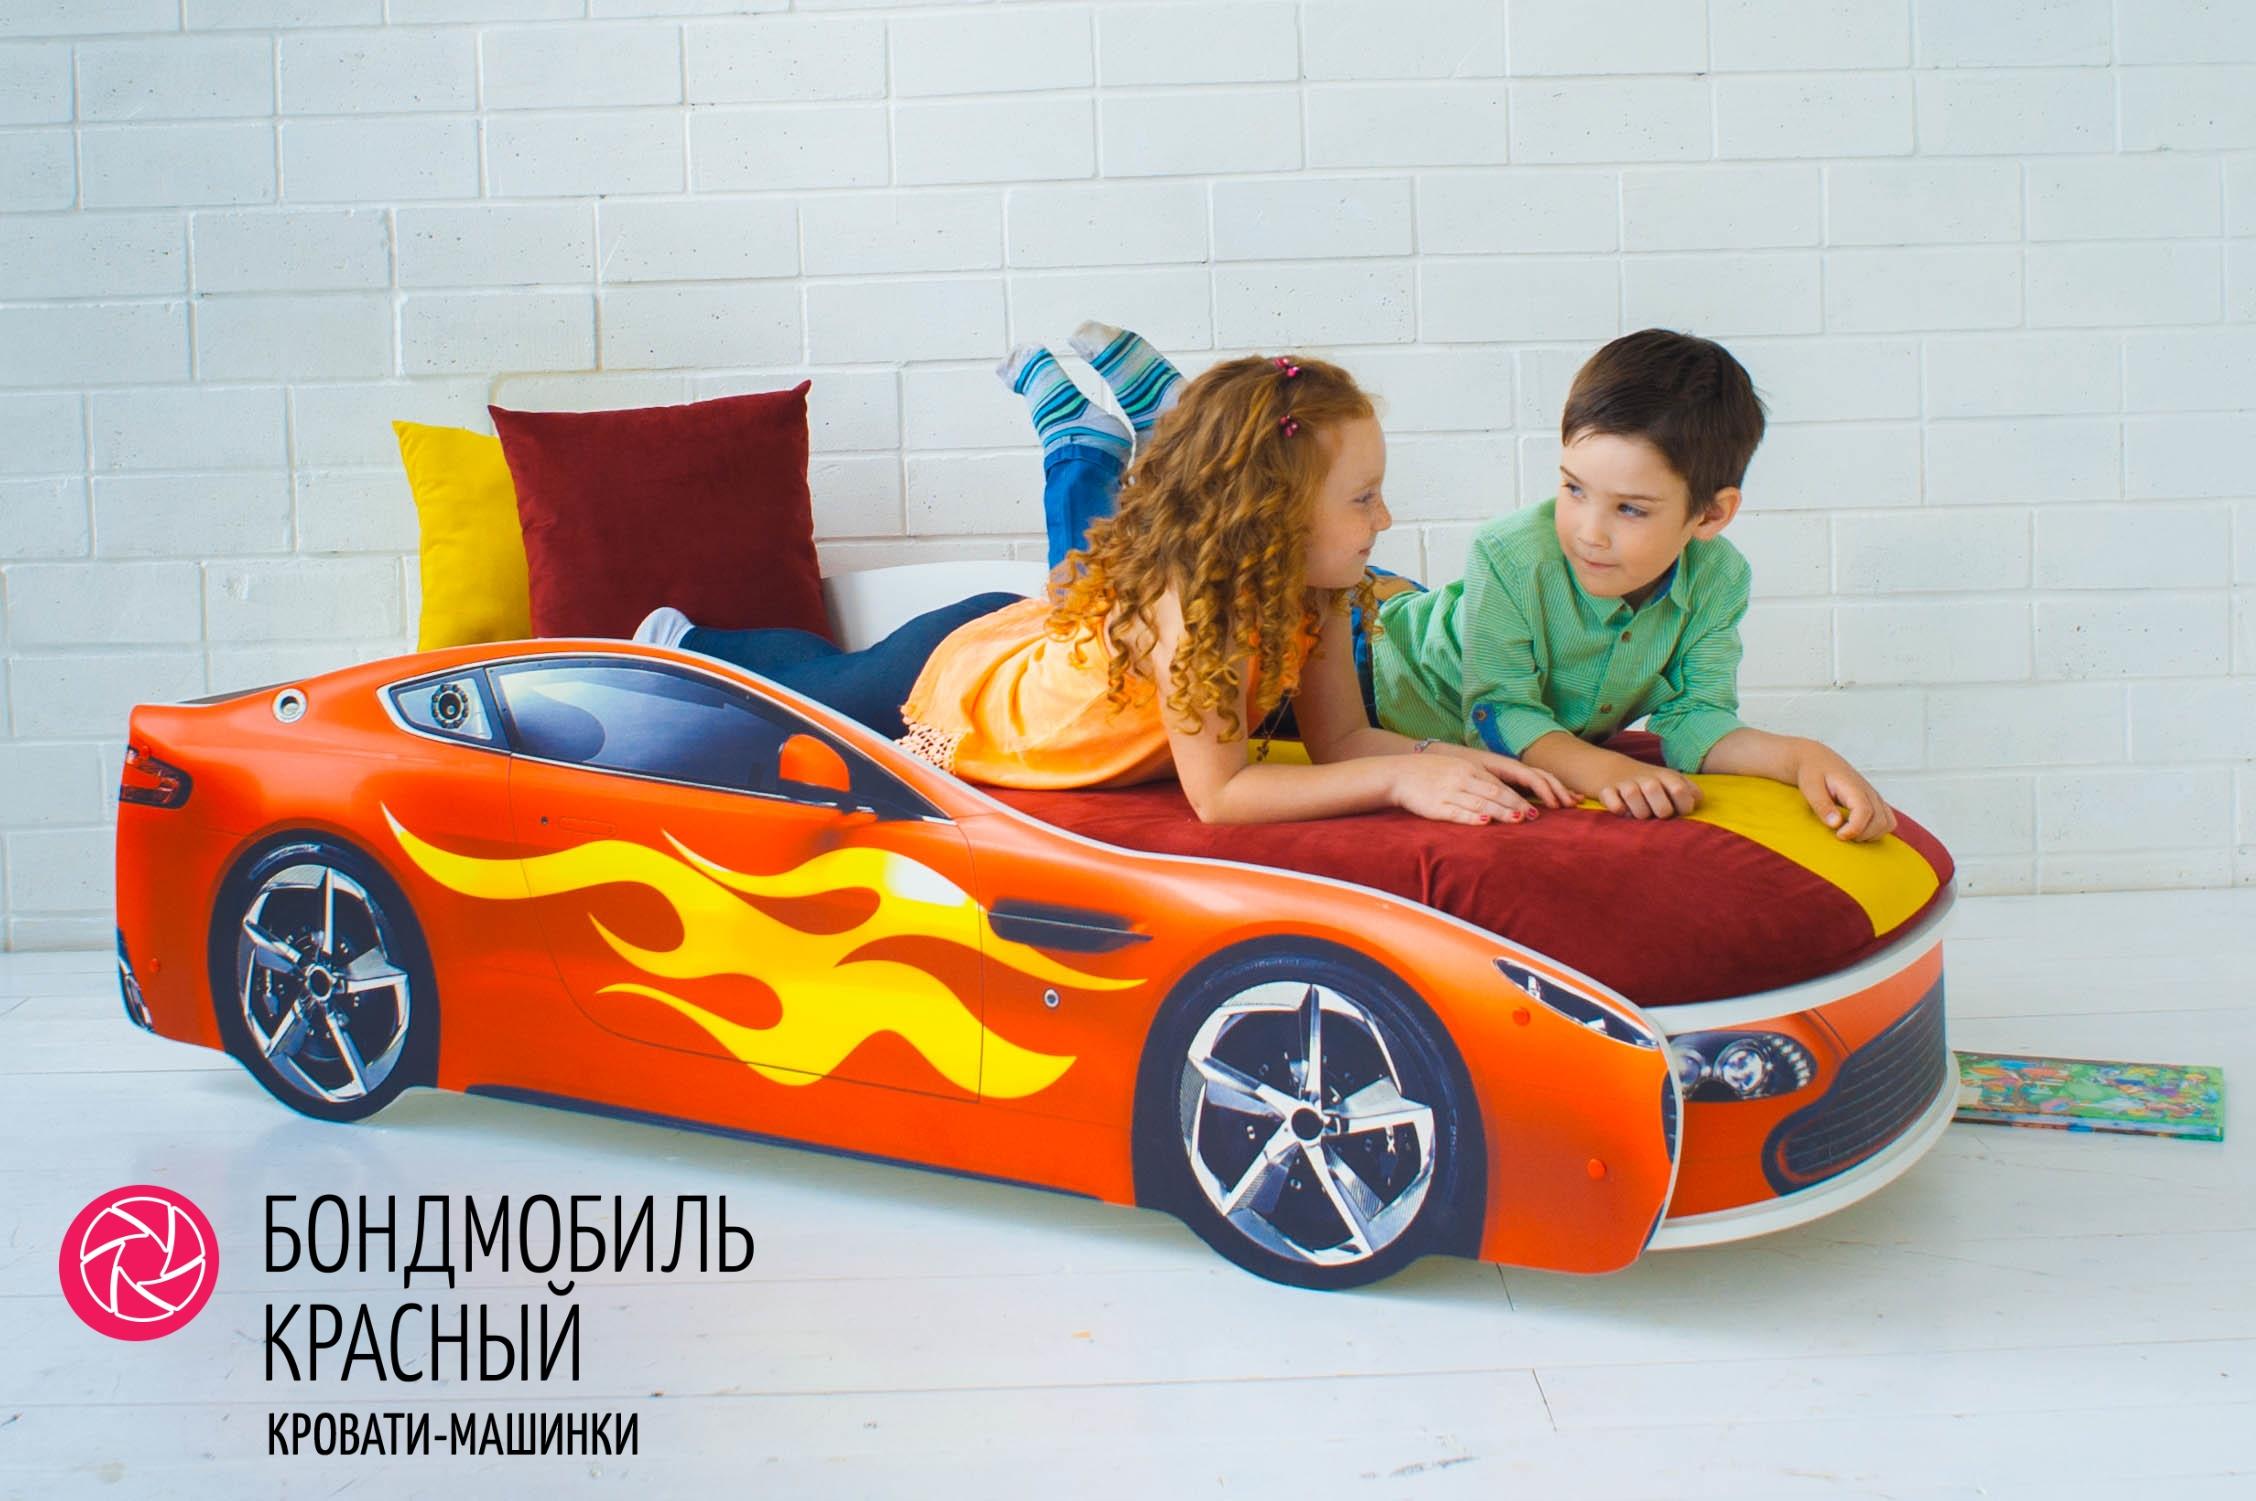 Детская кровать-машина красный -Бондмобиль-12